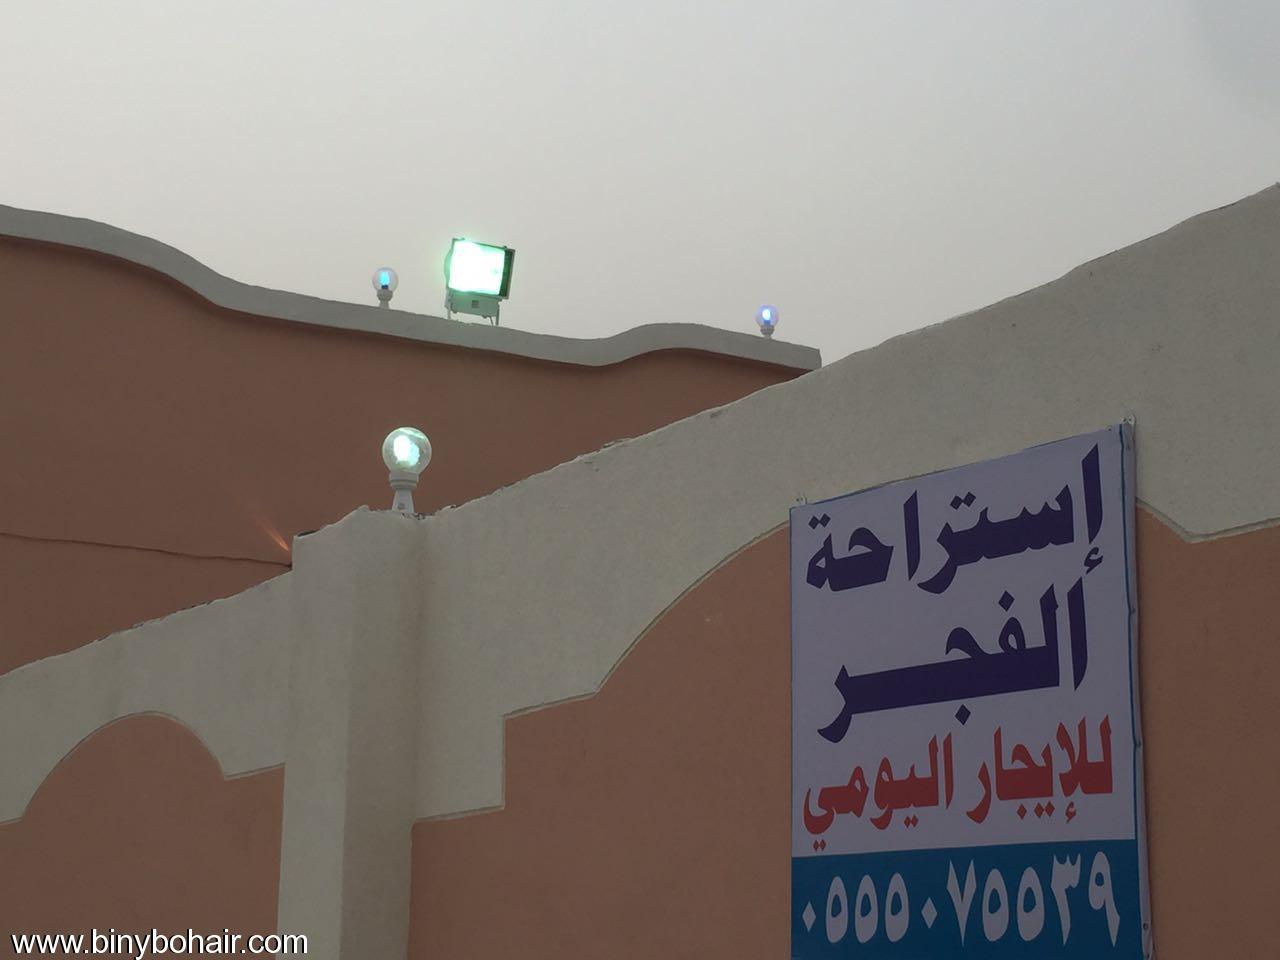 """بالصور..إستراحة """"الفجر"""" للايجار اليومي قرية c9544896.jpeg"""